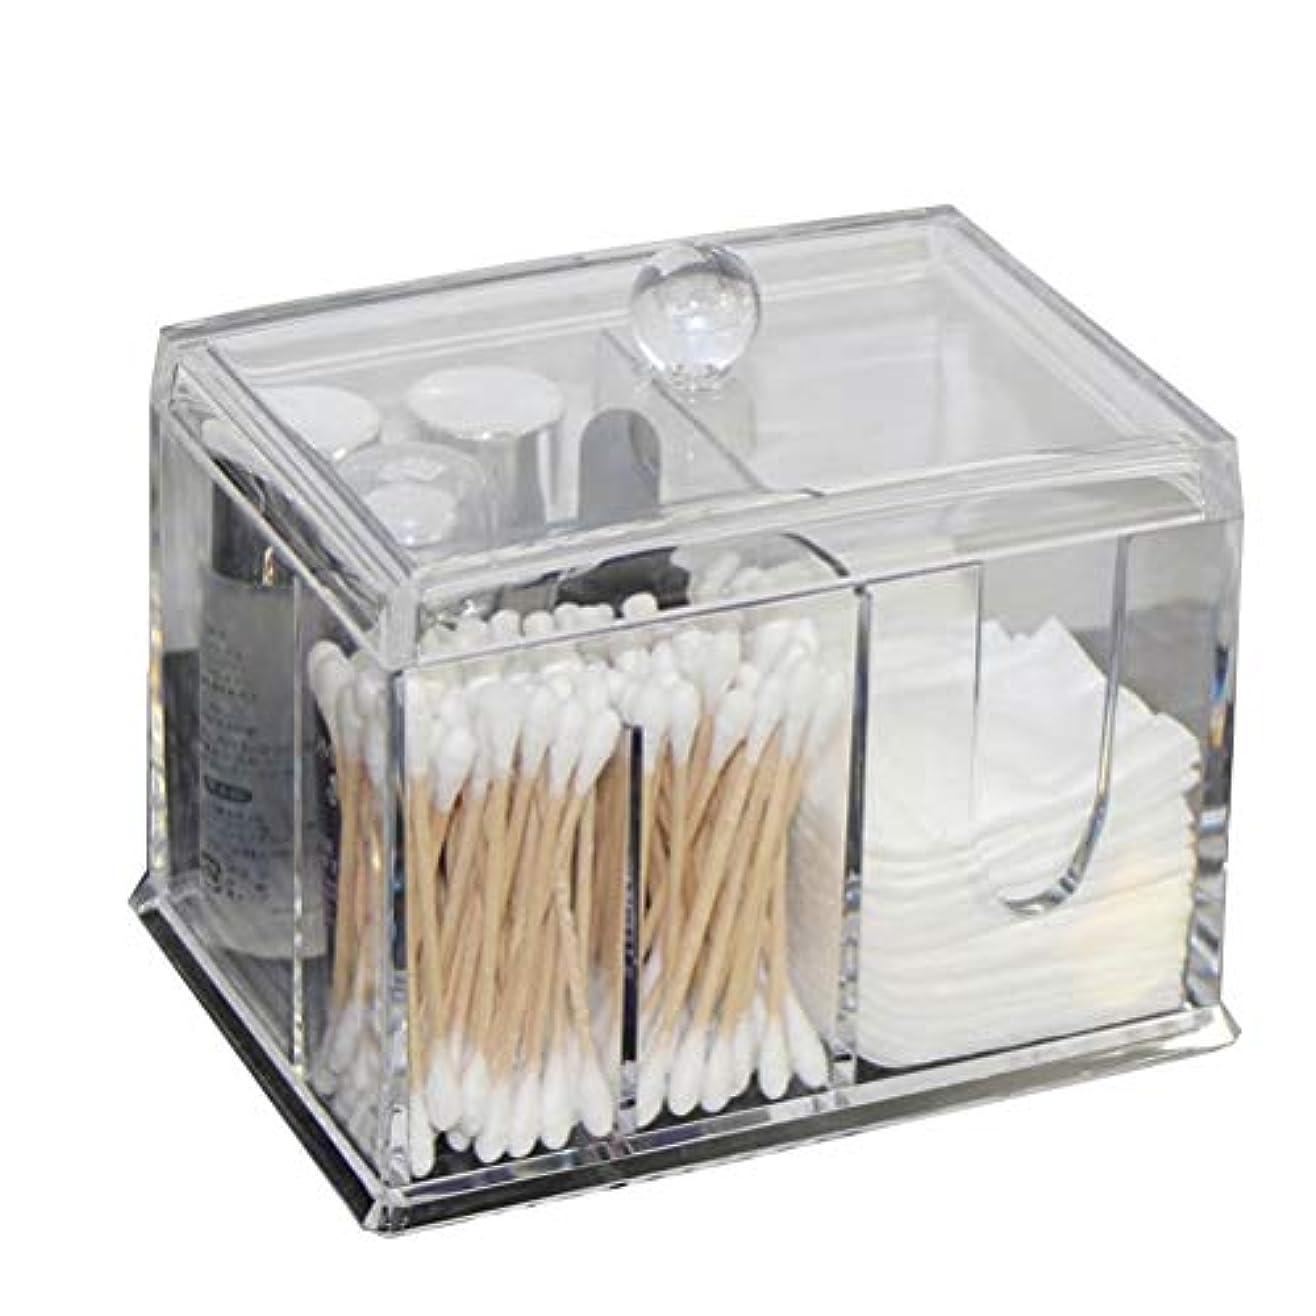 内部提案する丘Frcolor 綿棒ケース コットンケース 棉棒ボックス コットン入れ 綿棒入れ コスメケース 小物収納 アクリル製 蓋付き 防塵 透明 卓上収納